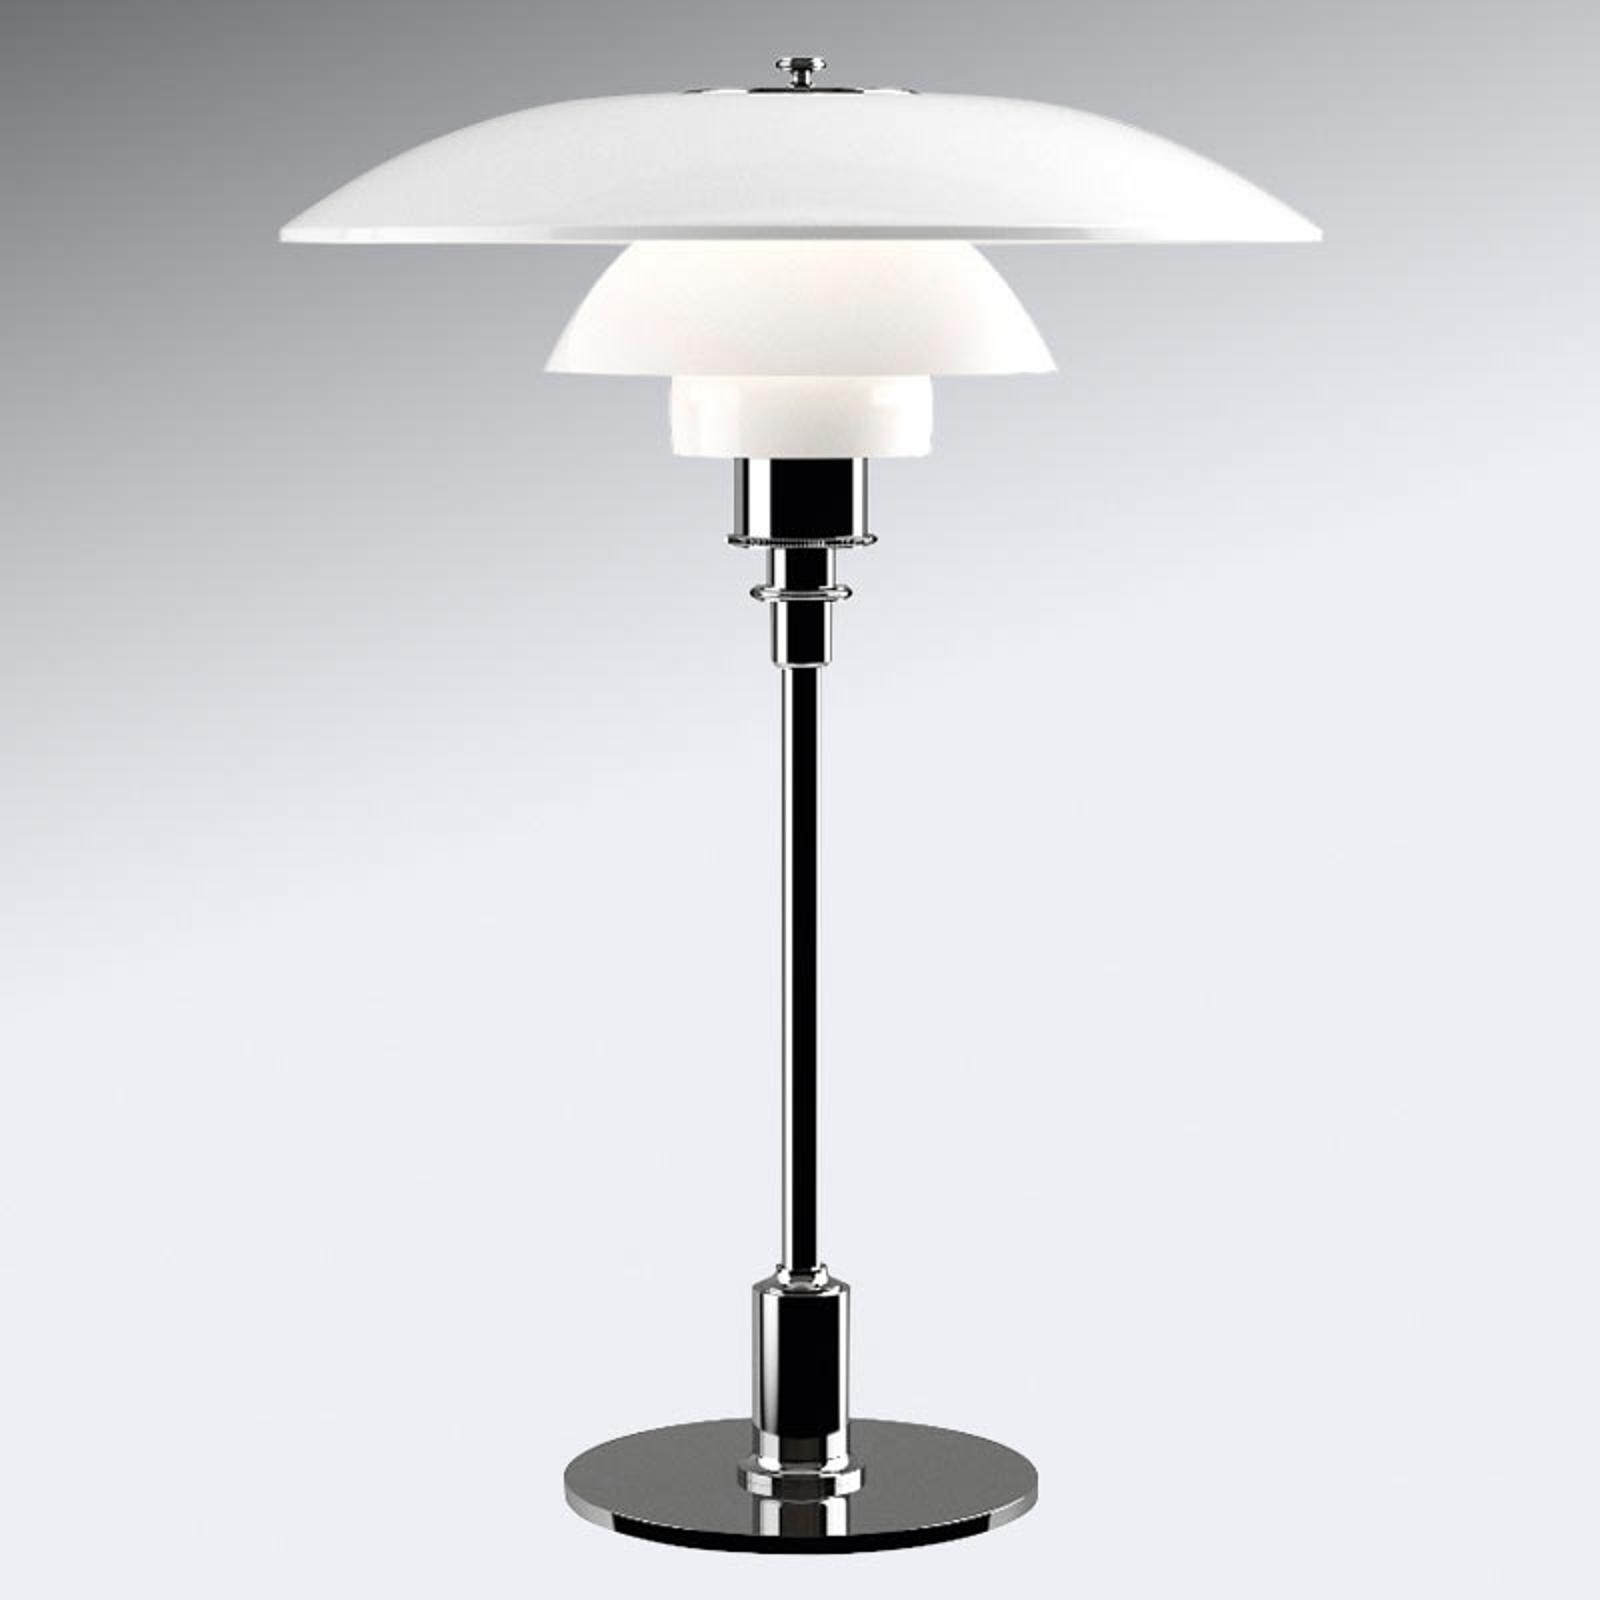 Tafellamp PH 3 1/2-2 1/2 - voet hooggl. verchroomd